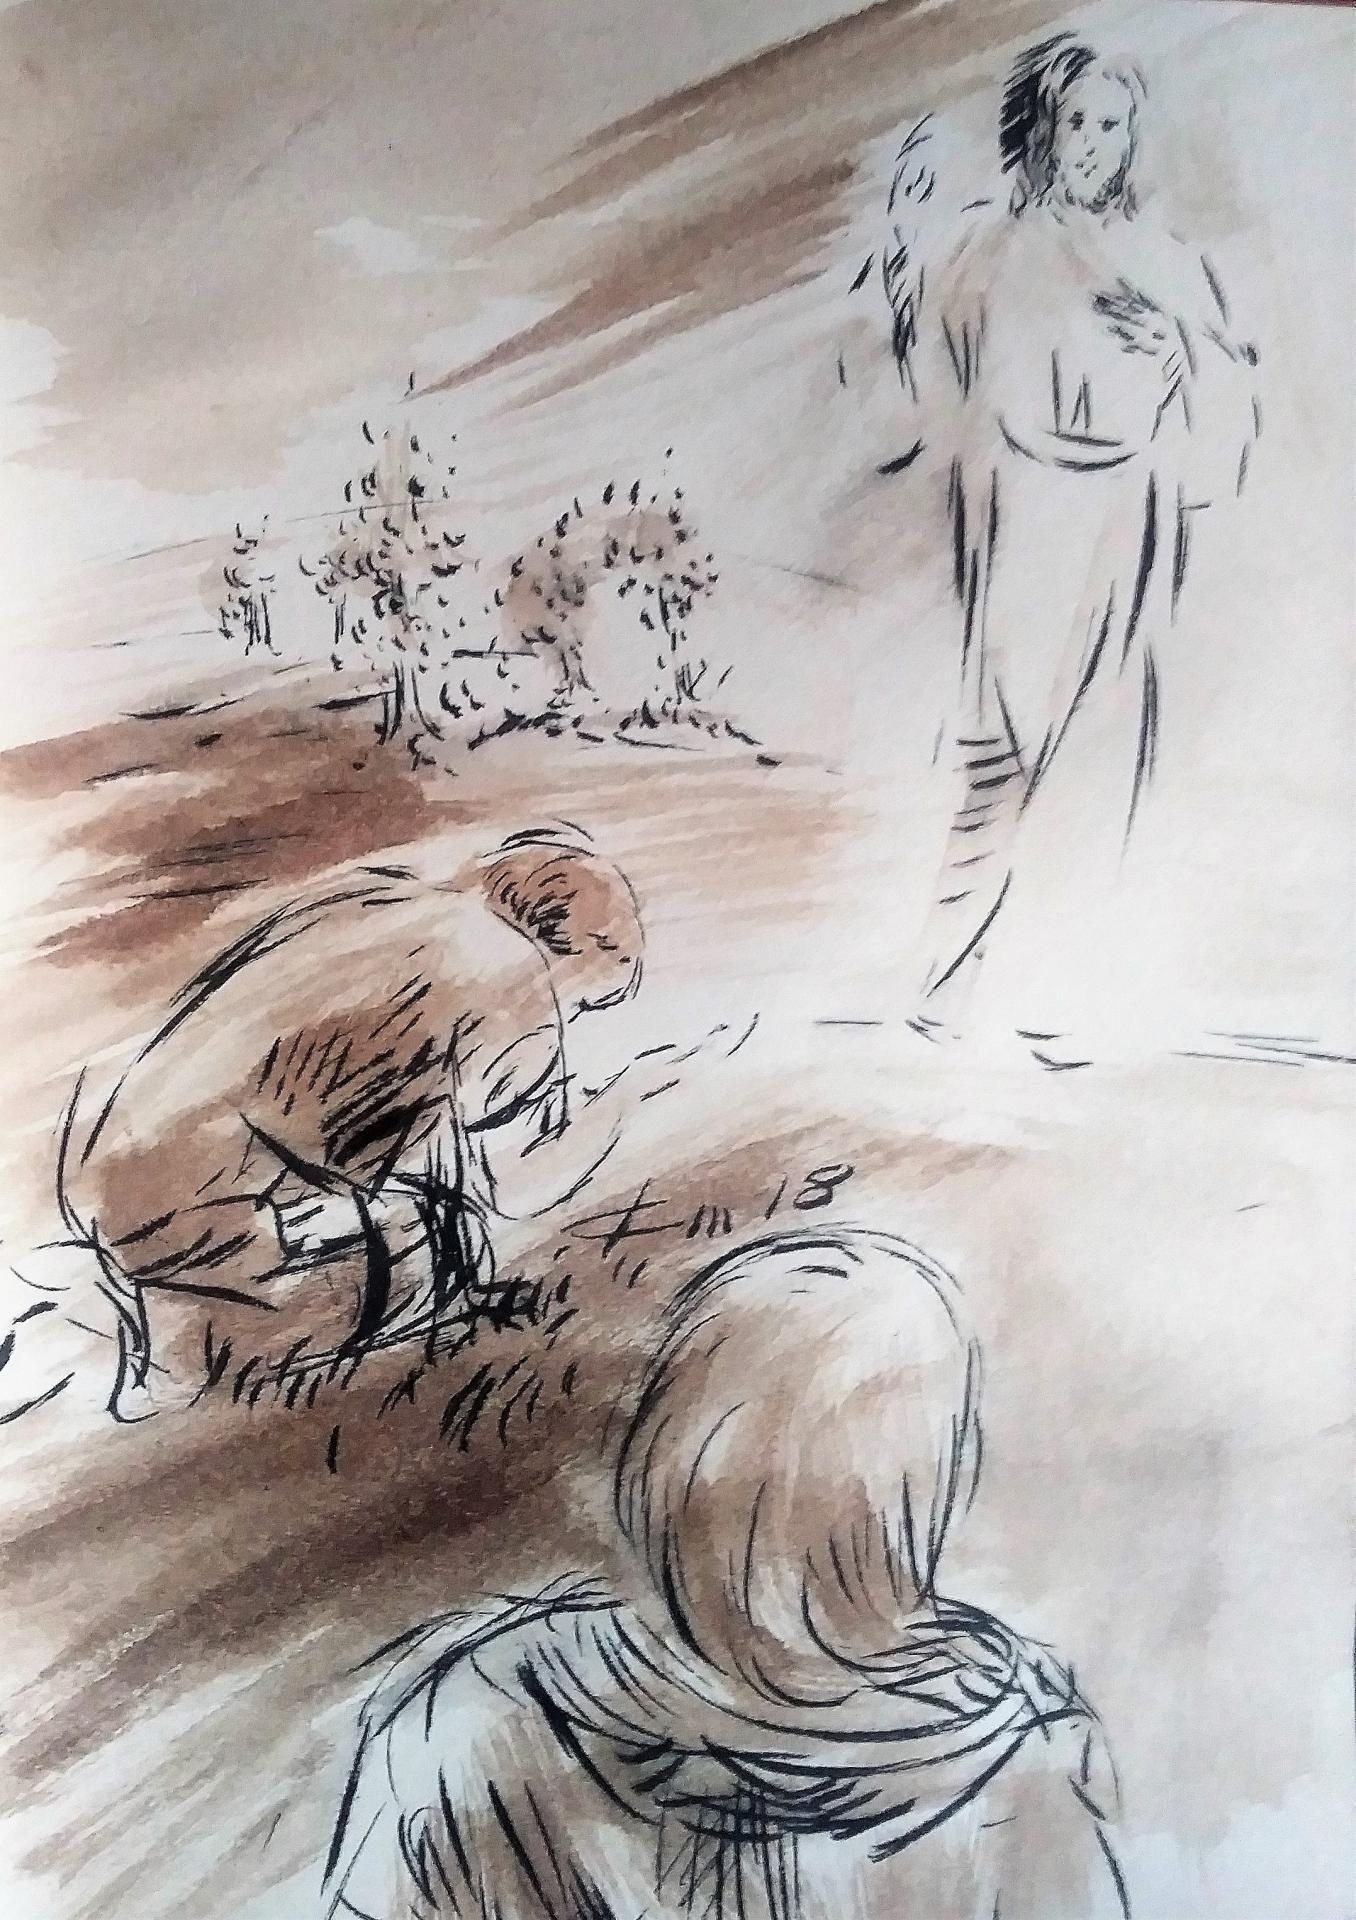 27 Mai 2018, évangile du jour illustré par un dessin au lavis